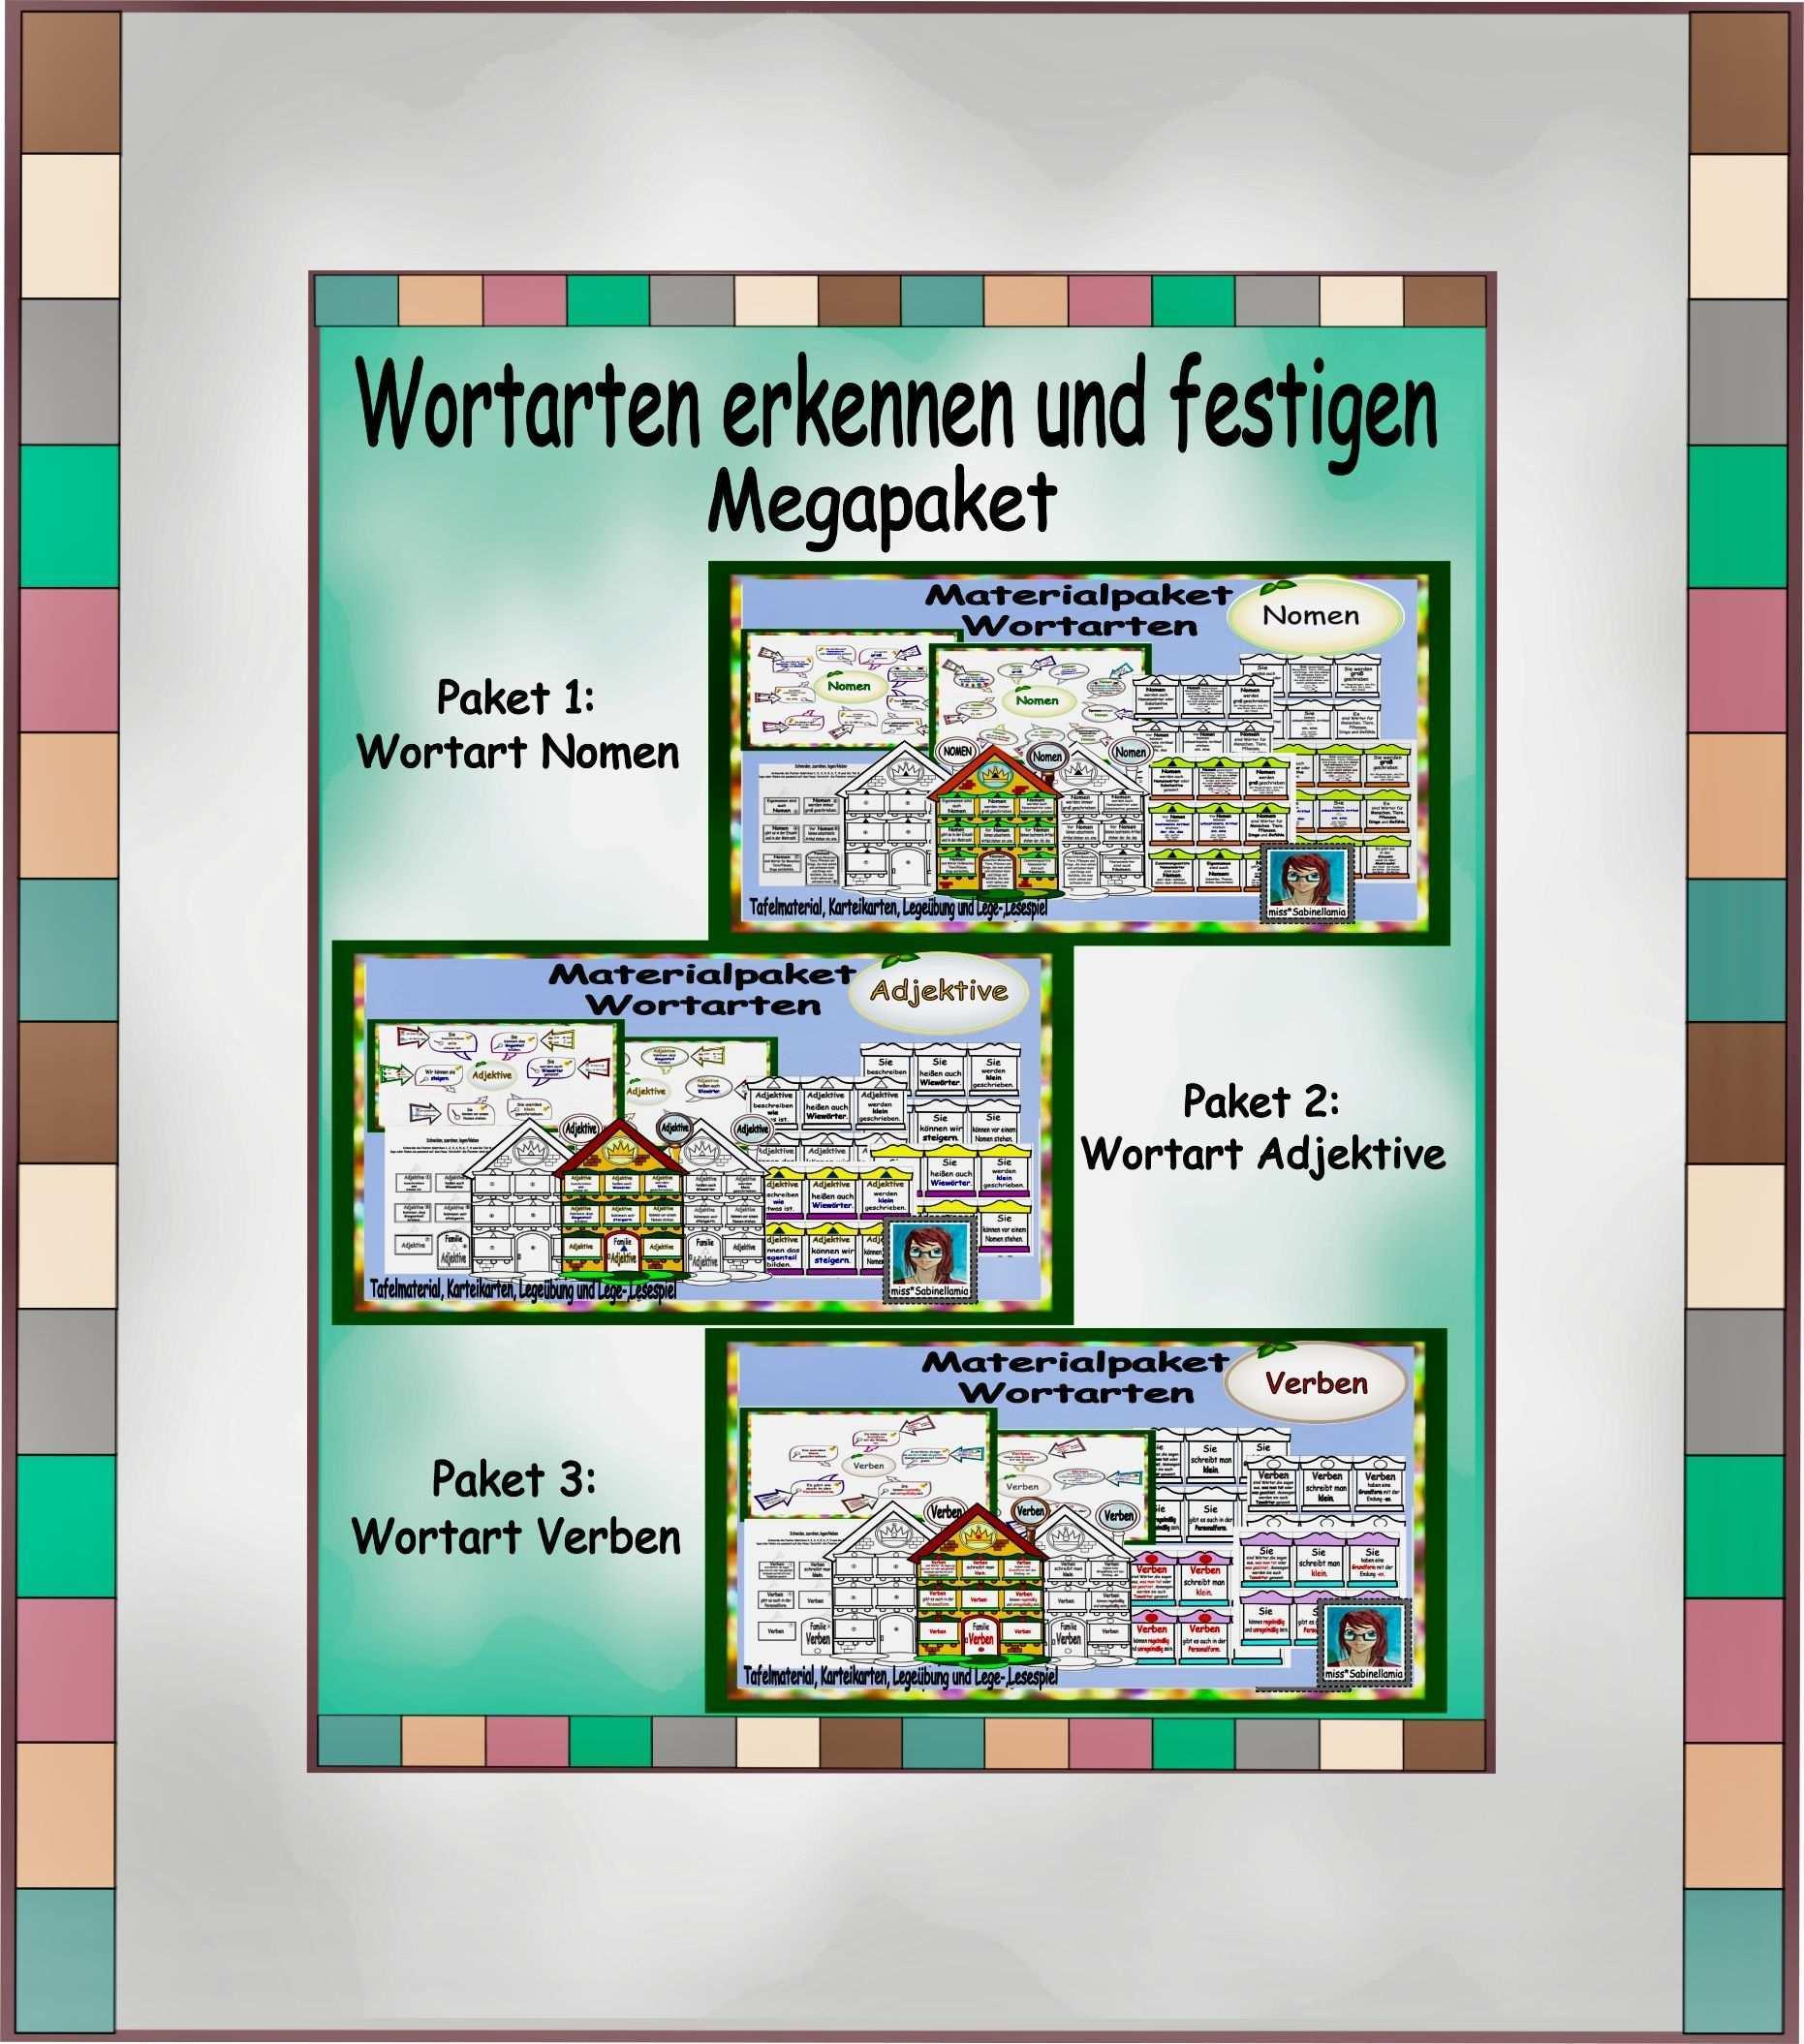 Wortarten Erkennen Und Festigen Megapaket Nomen Verben Und Adjektive Wortarten Adjektive Nomen Verben Adjektive